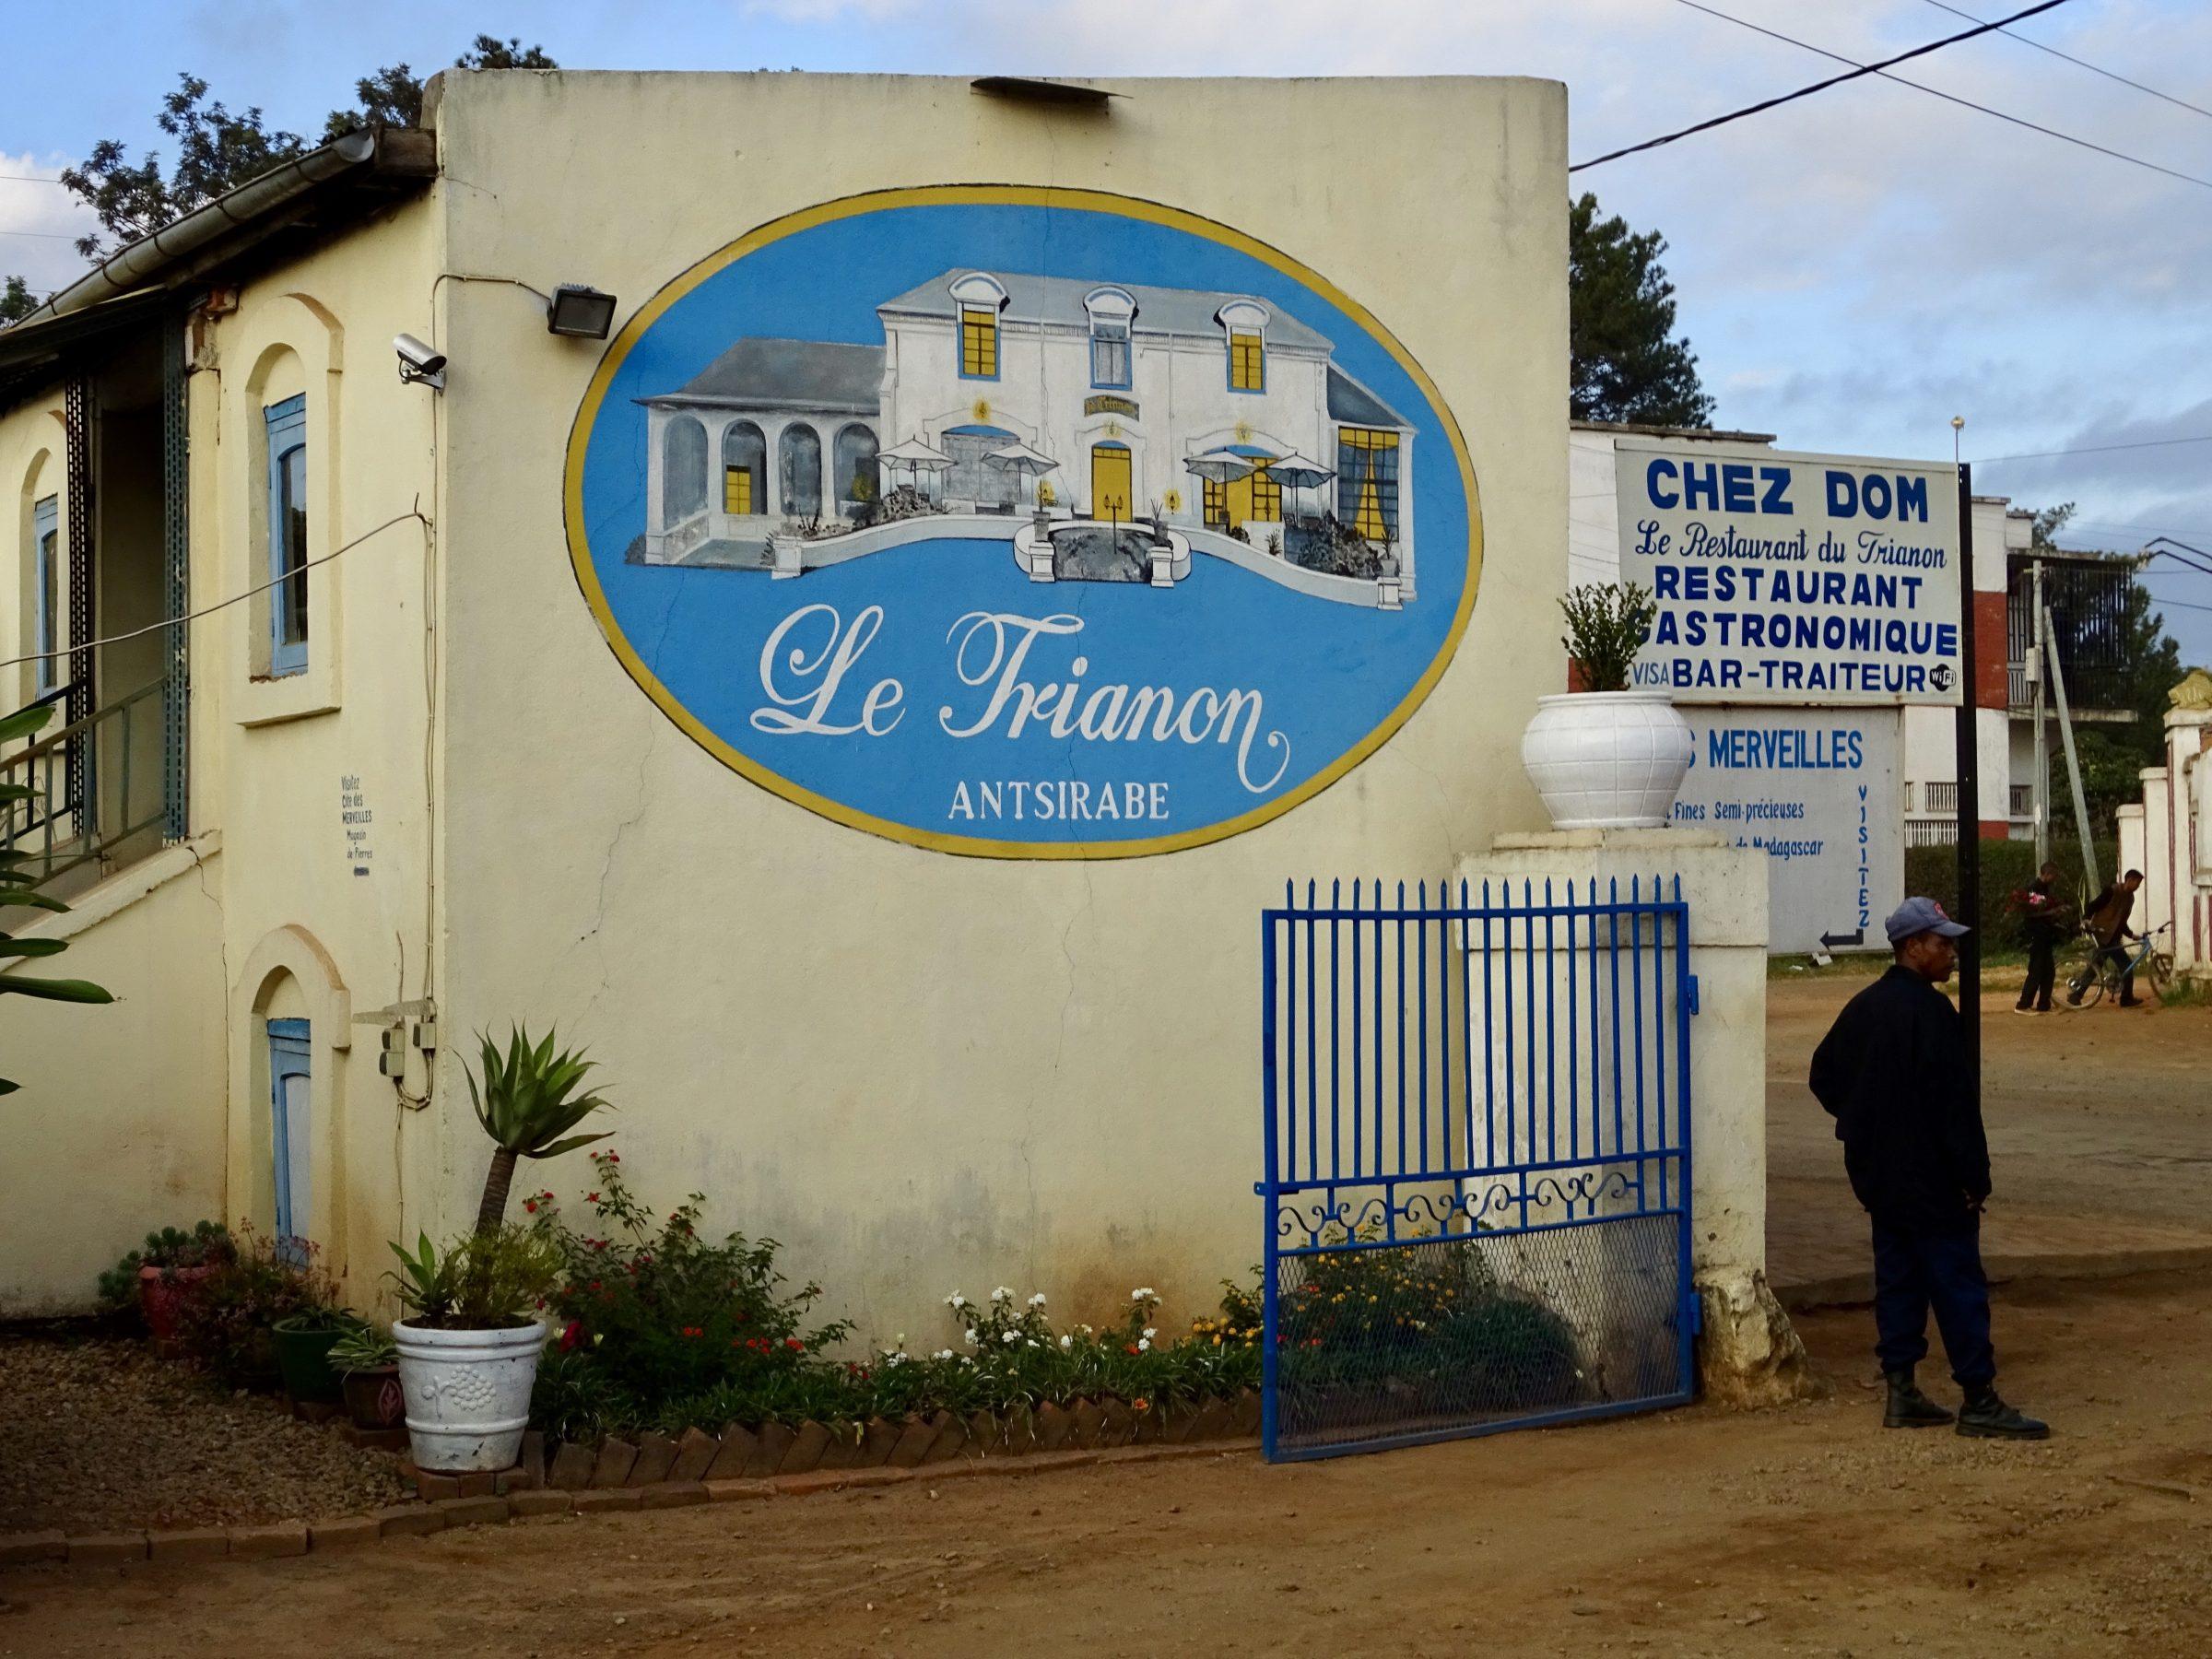 De entree van hotel Le Trianon